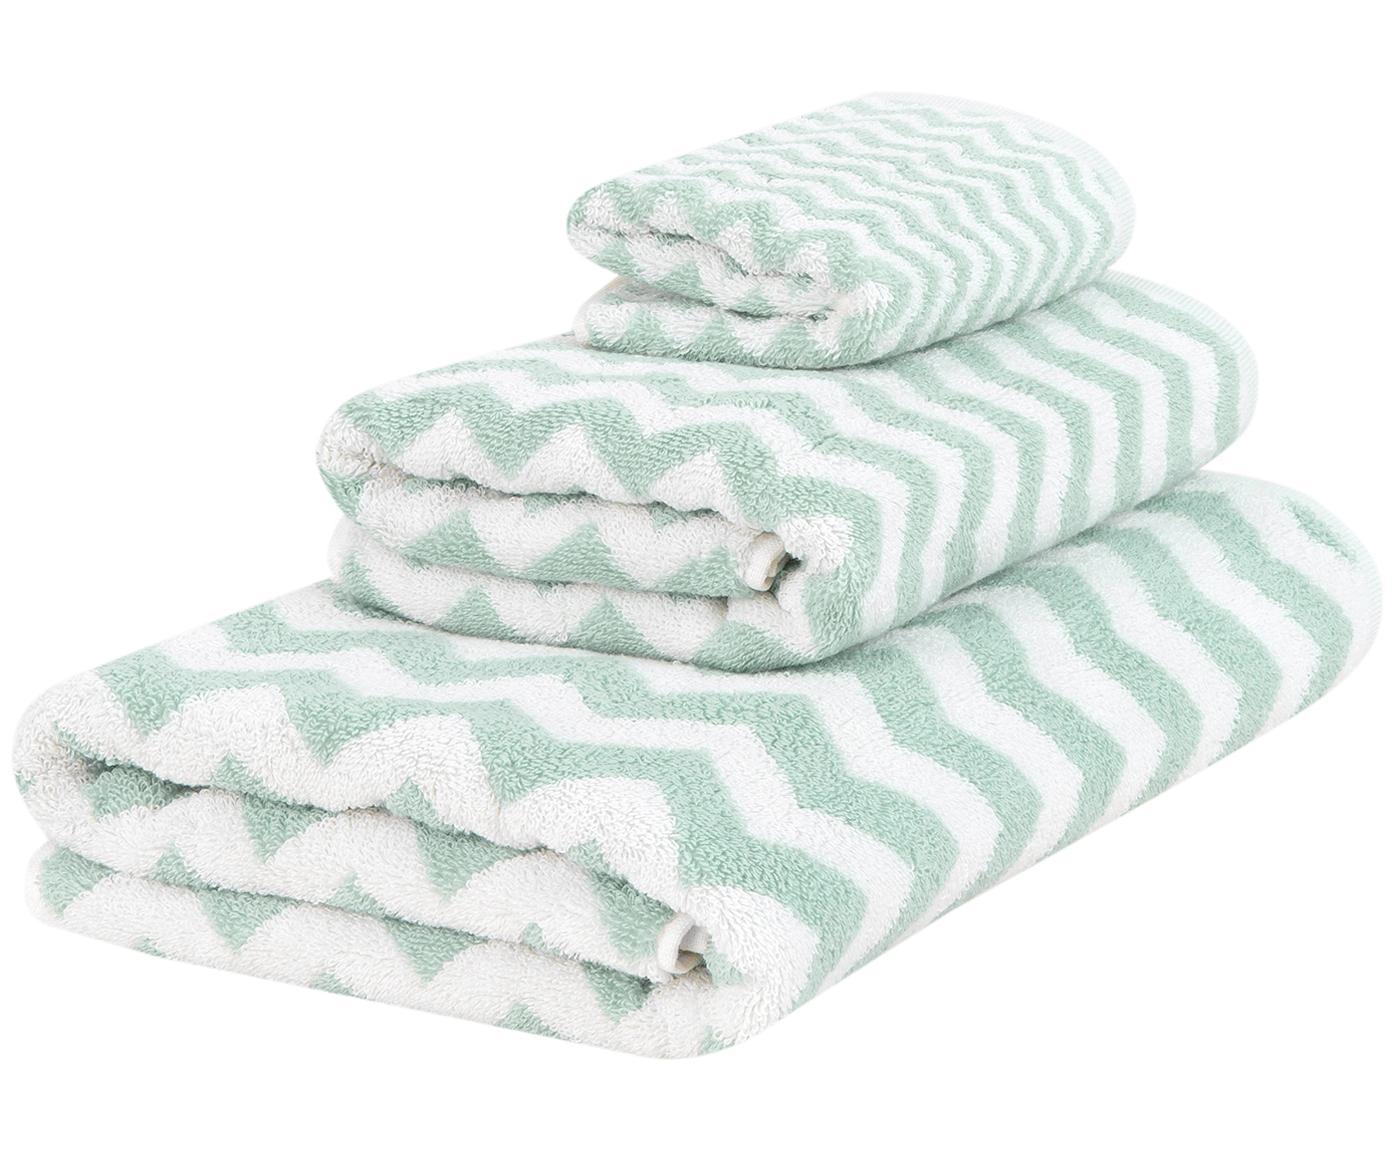 Handdoekenset Liv, 3-delig, 100% katoen, middelzware kwaliteit, 550 g/m², Mintgroen, crèmewit, Verschillende formaten